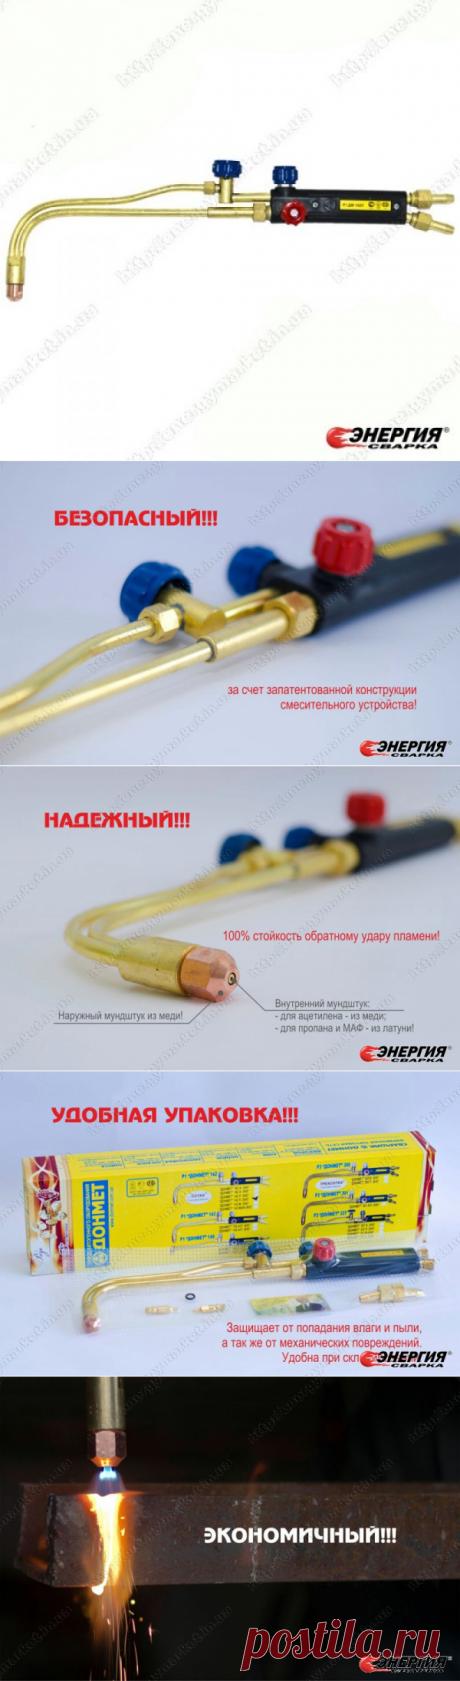 142.000.03  Газовый резак P1 Донмет 142 П 9/9 купить цена Украине